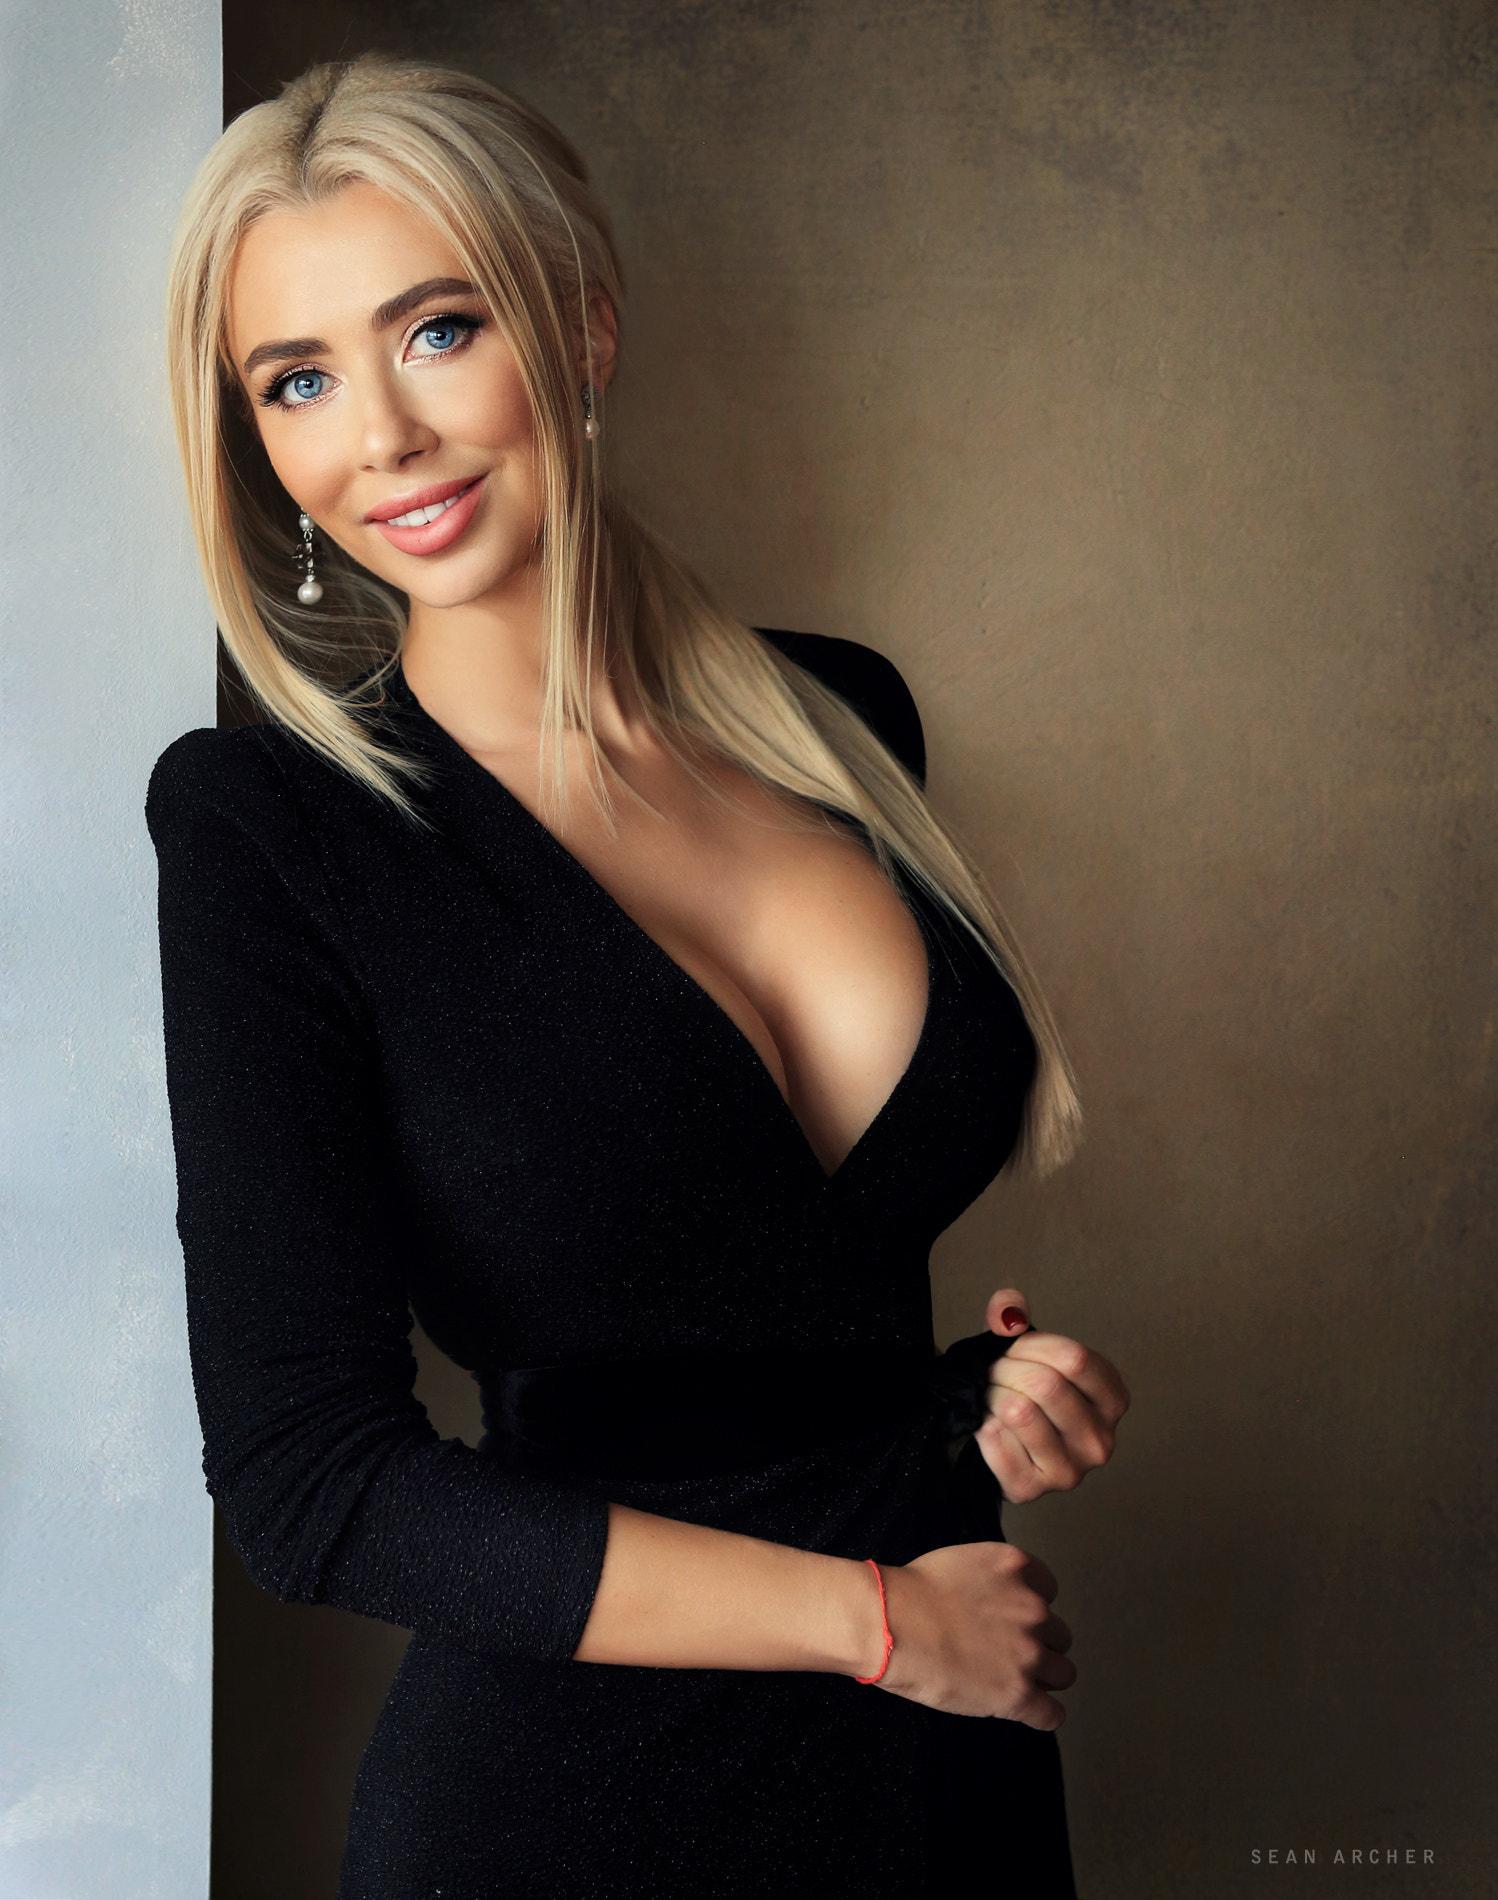 hintergrundbilder : blond, modell-, schwarzes kleid, lange